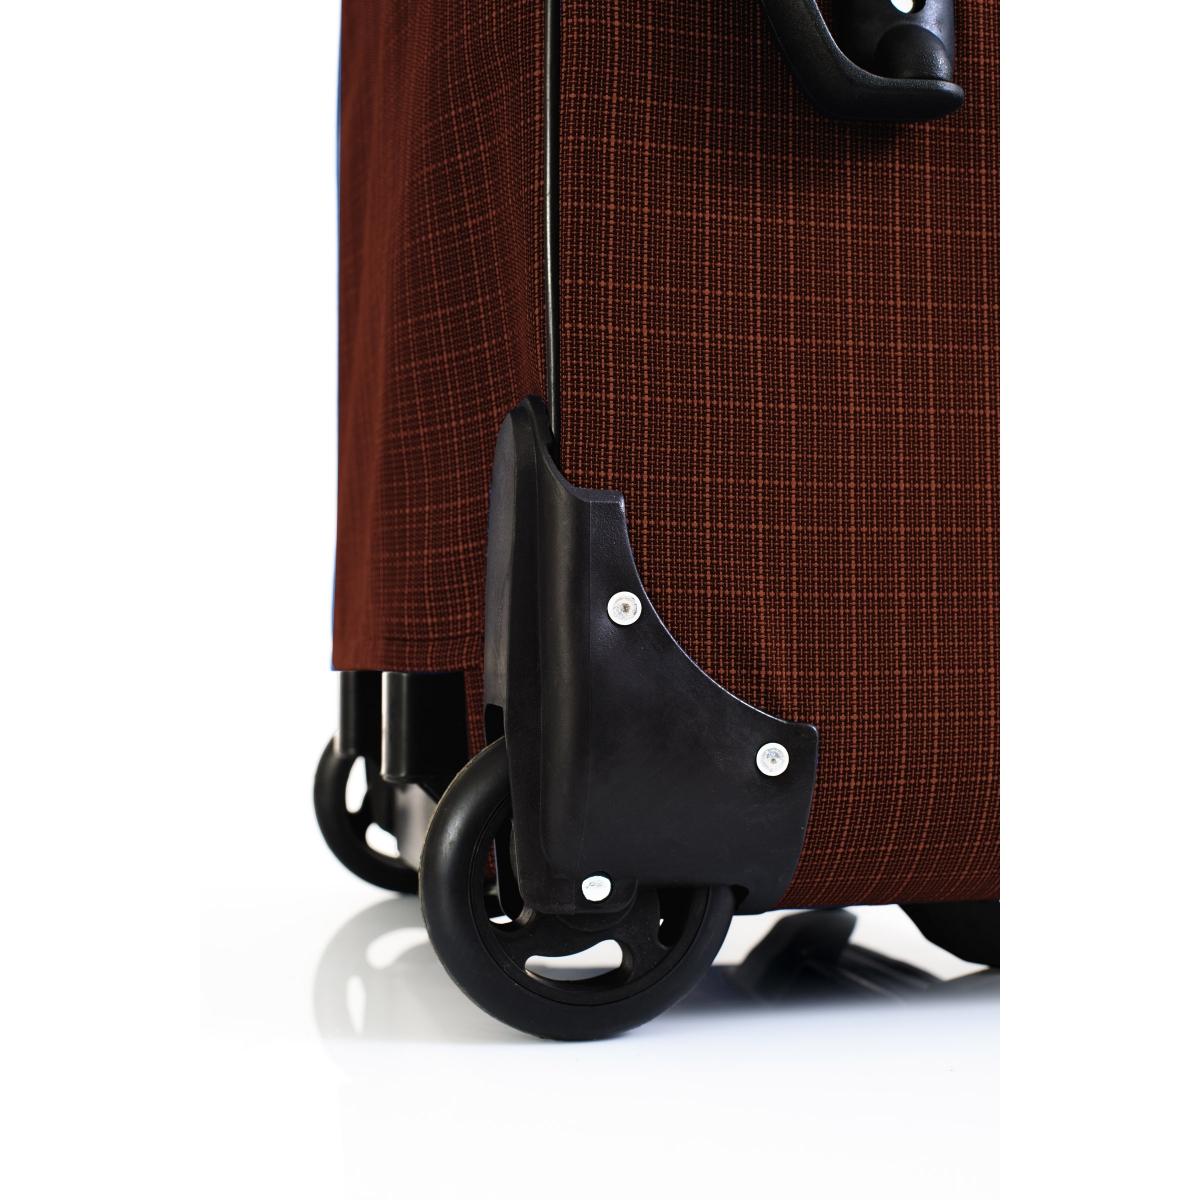 Gedox 2 Teker Geniş Kasa Havlu Kumaş 3'lü Valiz Seyahat Seti - Model: 1005.20 Kahve